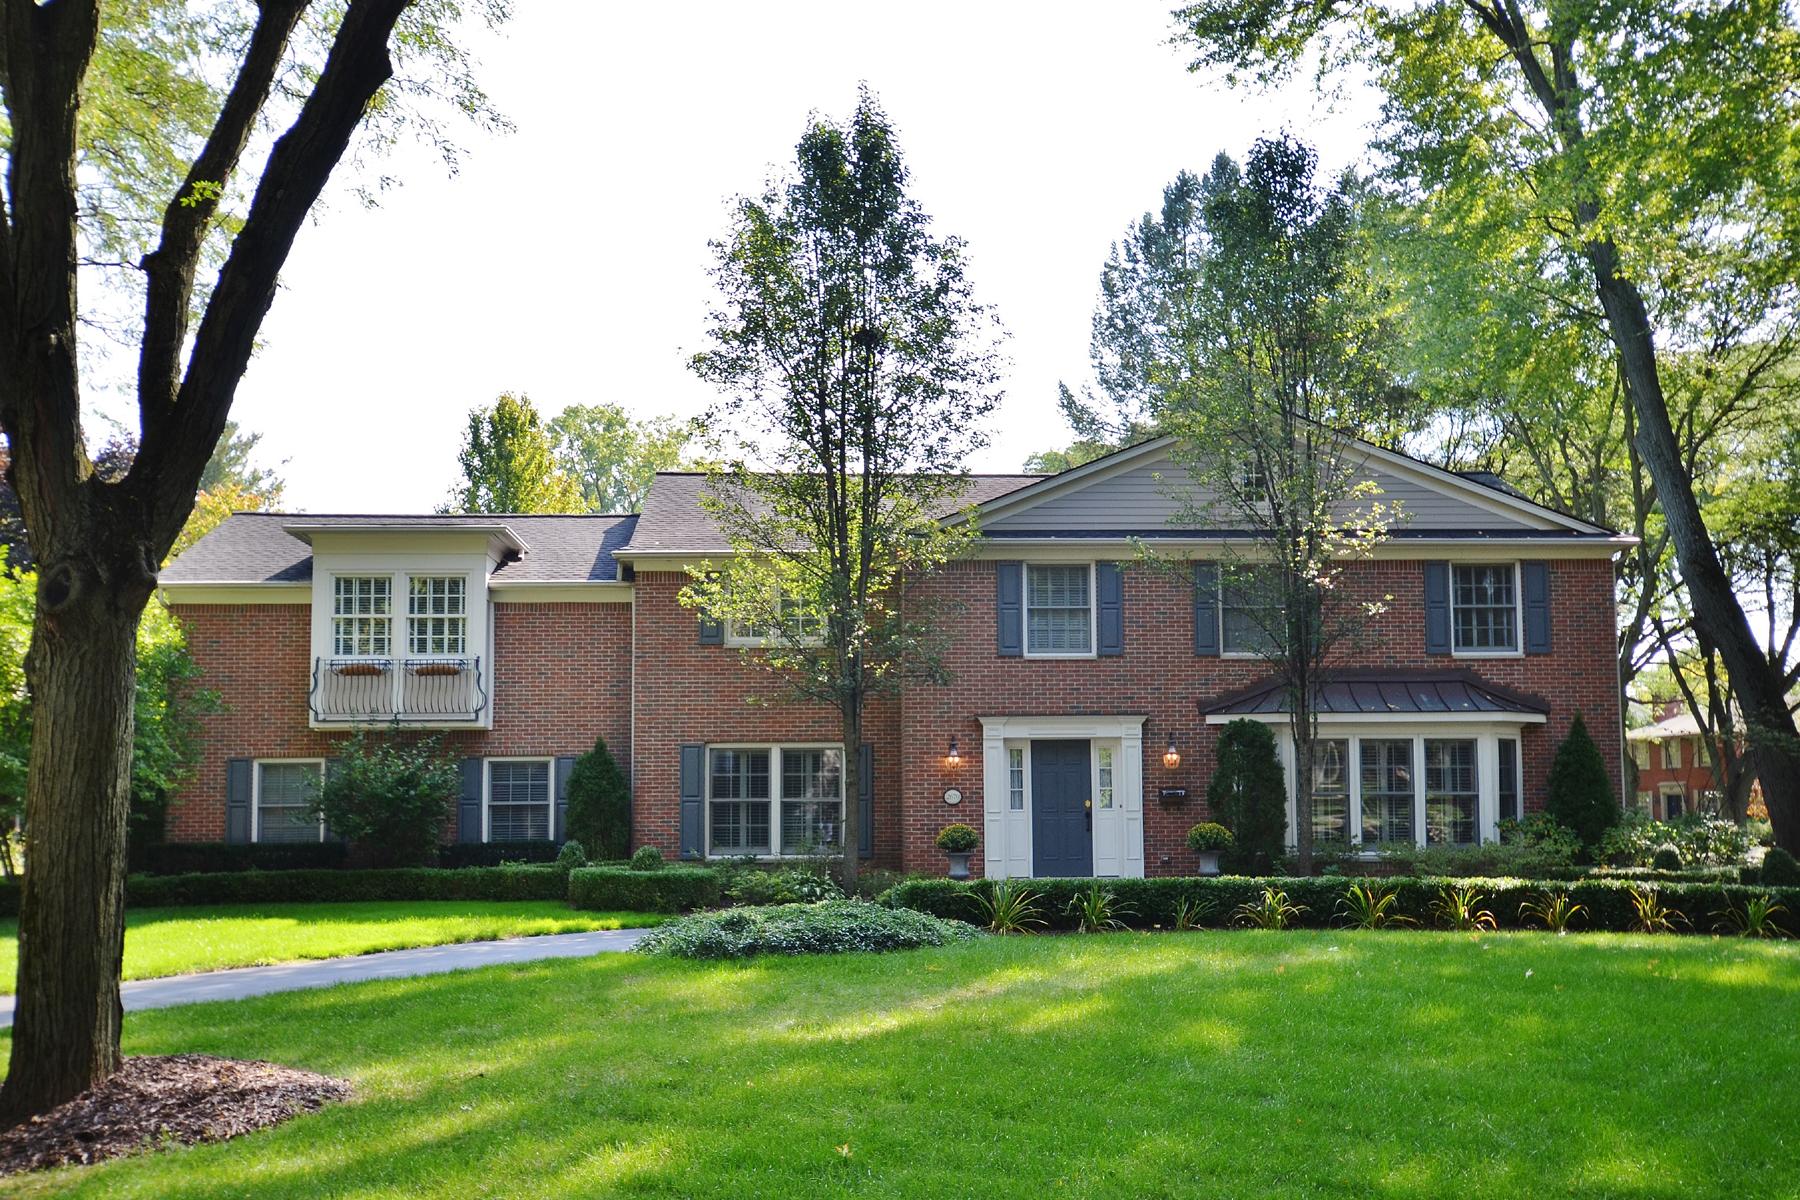 Maison unifamiliale pour l Vente à Bloomfield 2670 Covington Place Bloomfield, Michigan, 48301 États-Unis